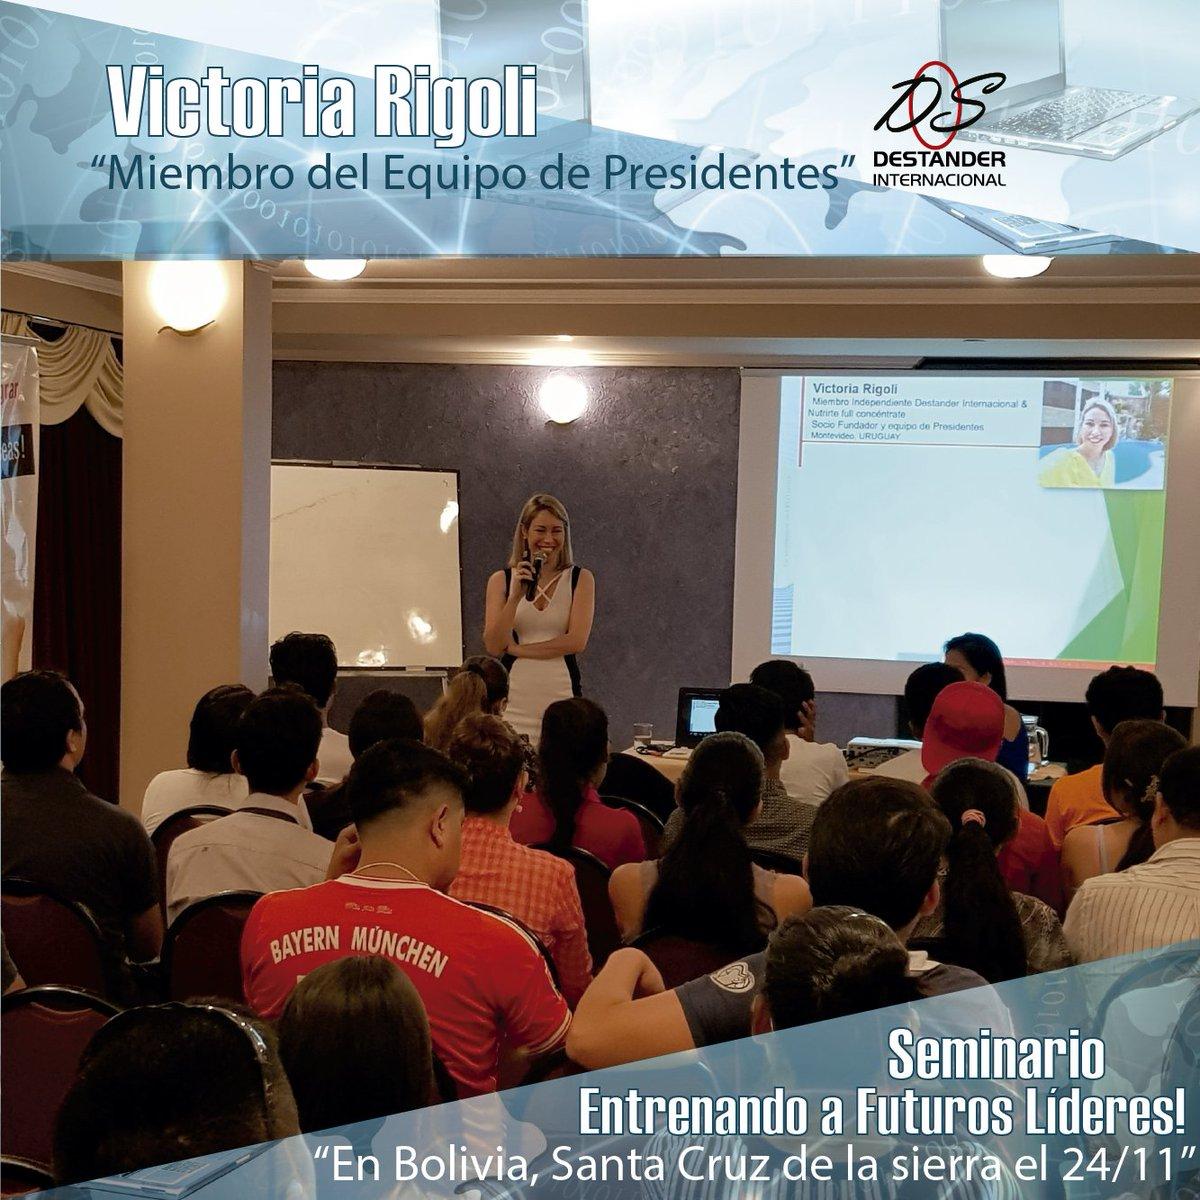 """Victoria Rigoli en el Seminario en Bolivia, Santa Cruz de la Sierra 24/11/18.  """"Miembro del Equipo de Presidentes""""  Entrenando a Futuros Lideres! https://t.co/Q4ovKM6c7j"""